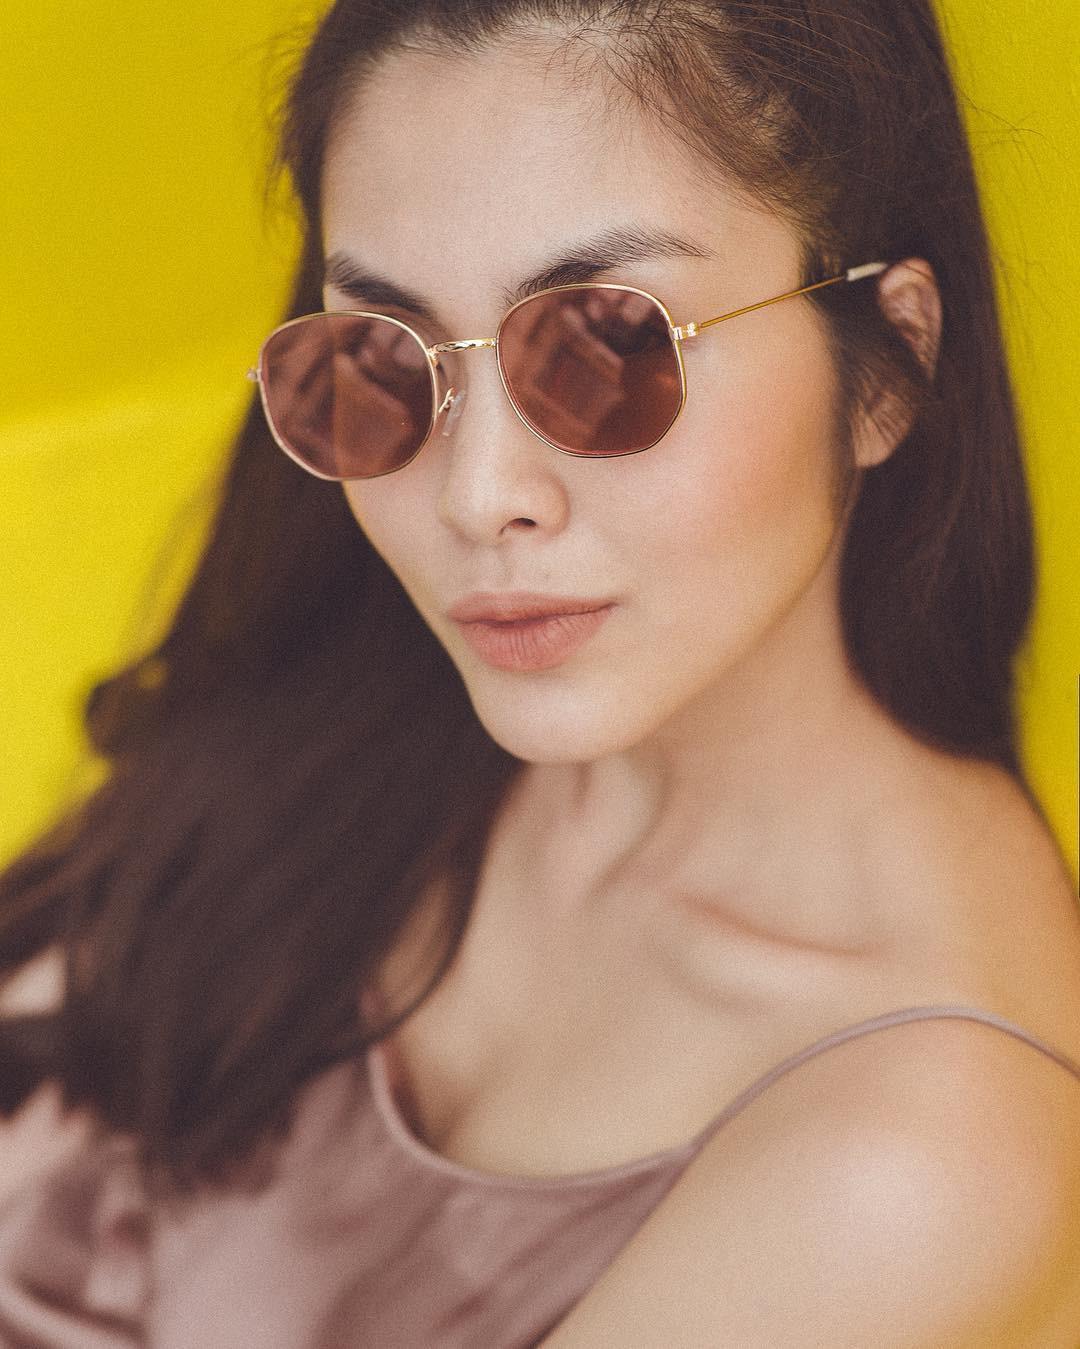 """Nhờ điểm trời cho này trên gương mặt, Hà Tăng dễ dàng chinh phục mọi mẫu kính mắt dù chúng kỳ cục"""" đến cỡ nào-9"""